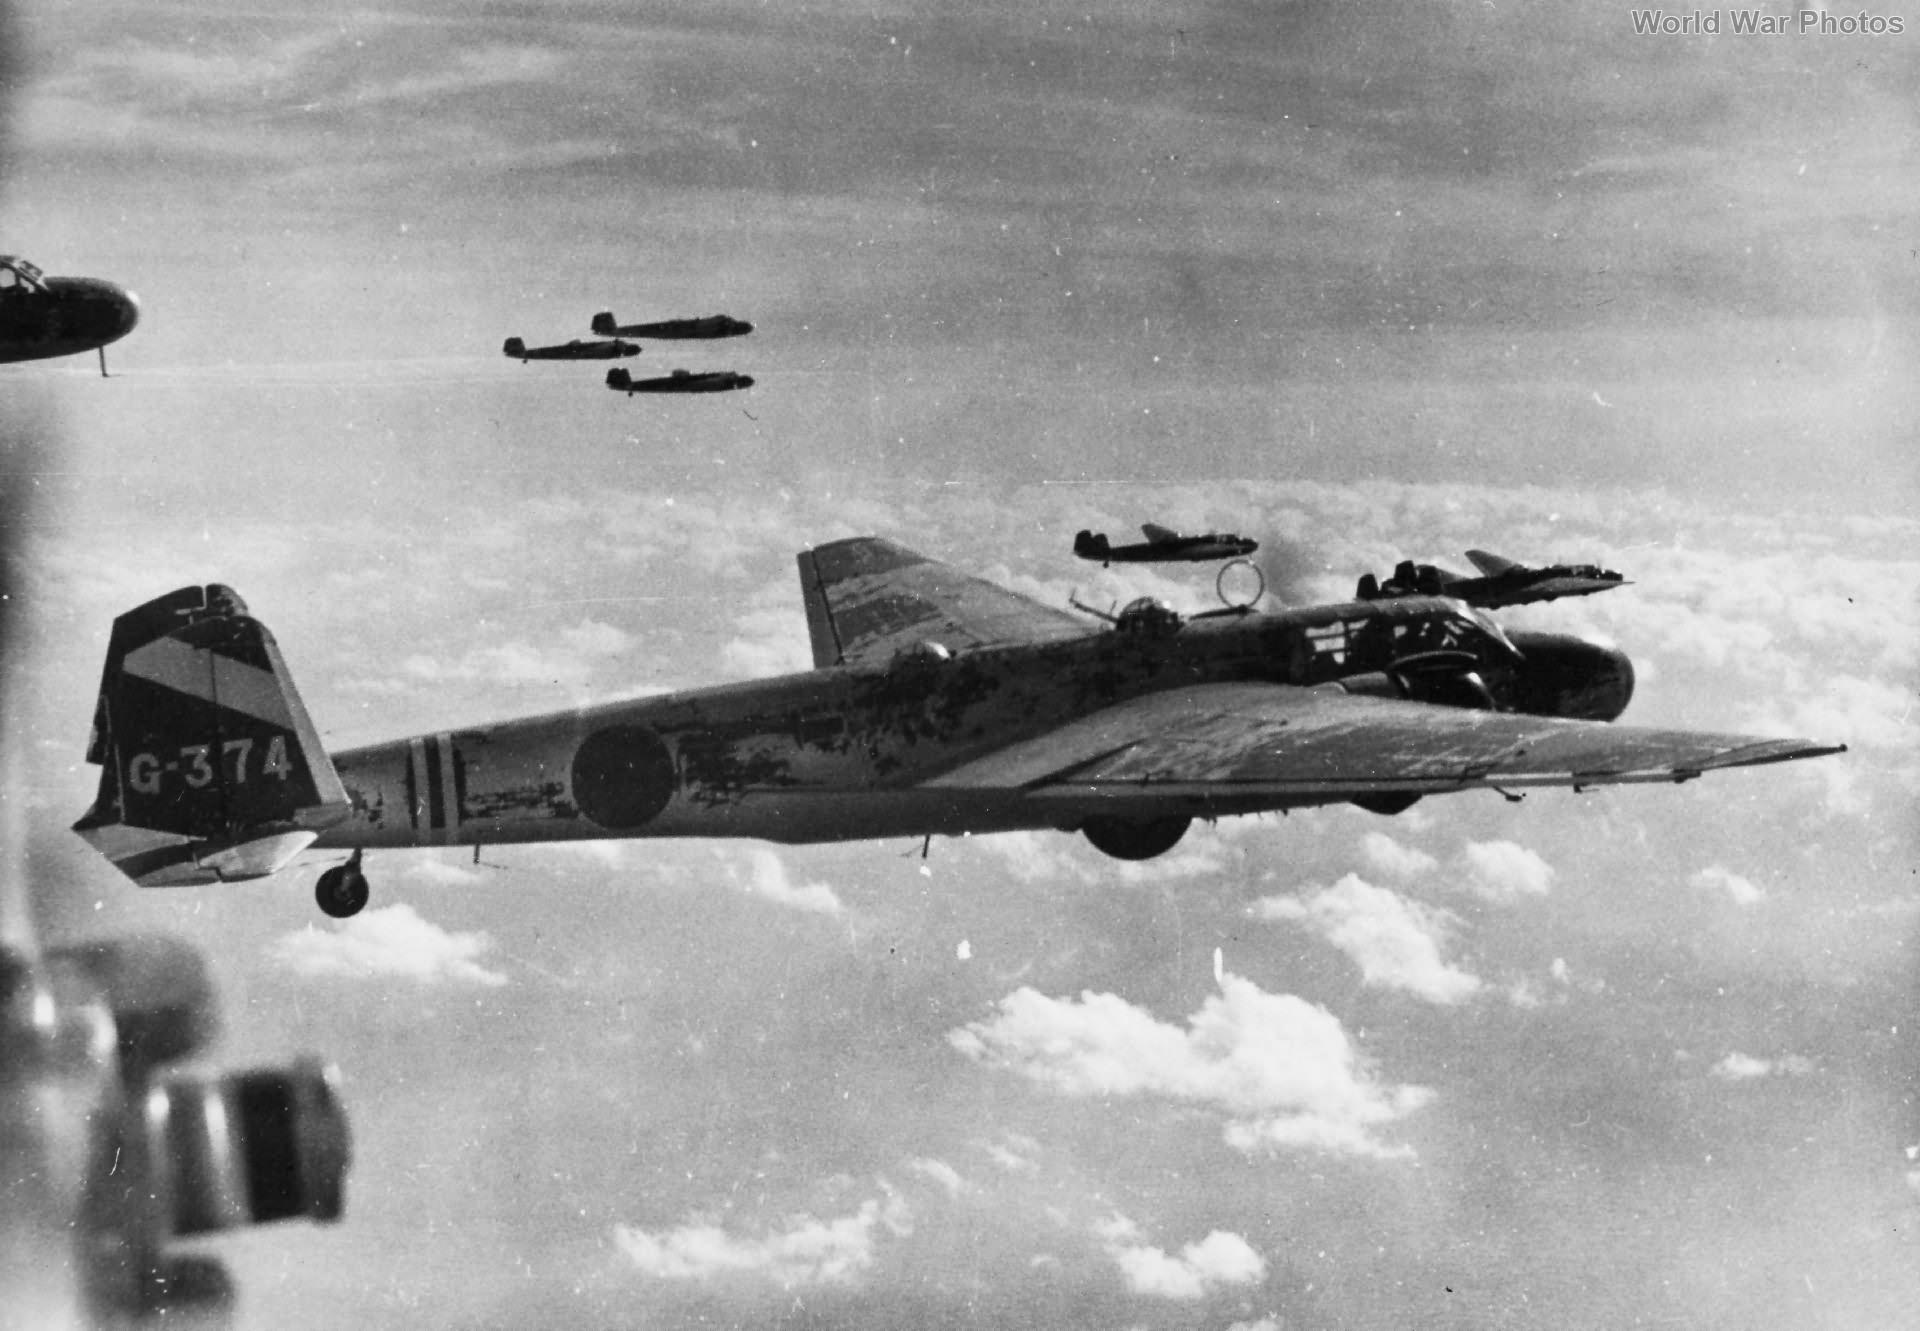 Мицубиси G3M «Нелл» - дальний торпедоносец-бомбардировщик берегового базирования